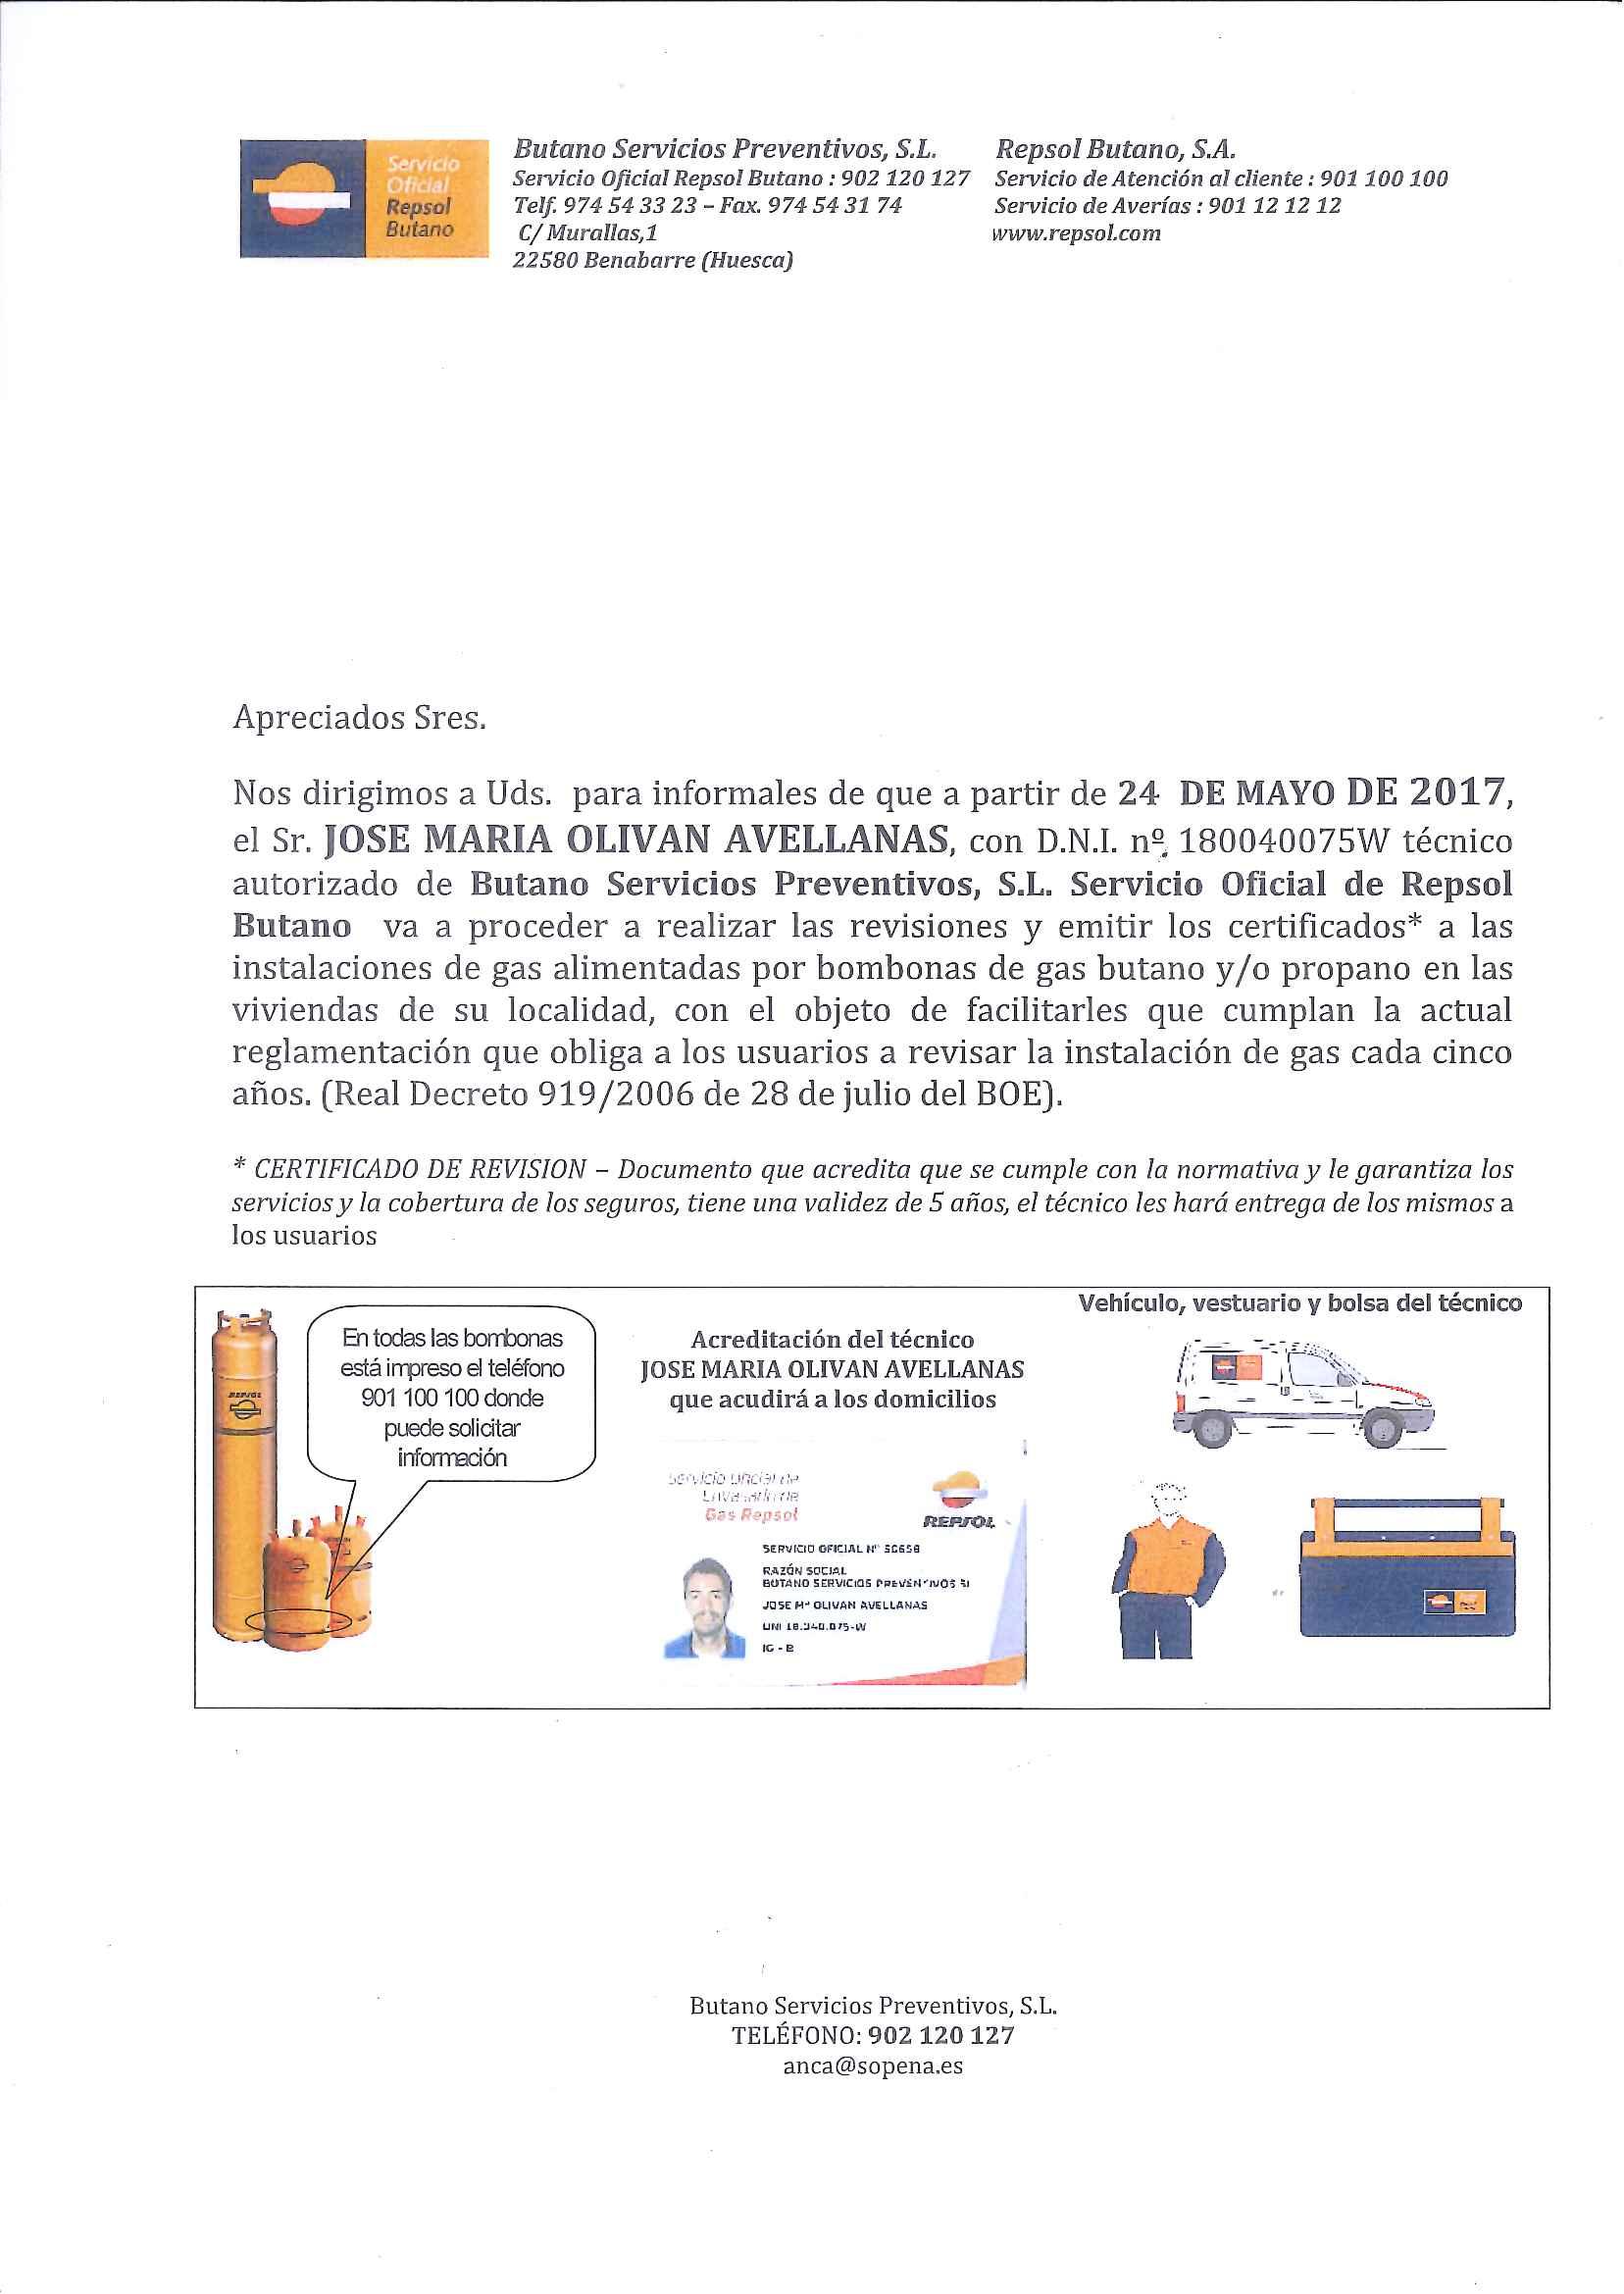 revision caldera gas precio good de una instalacin de